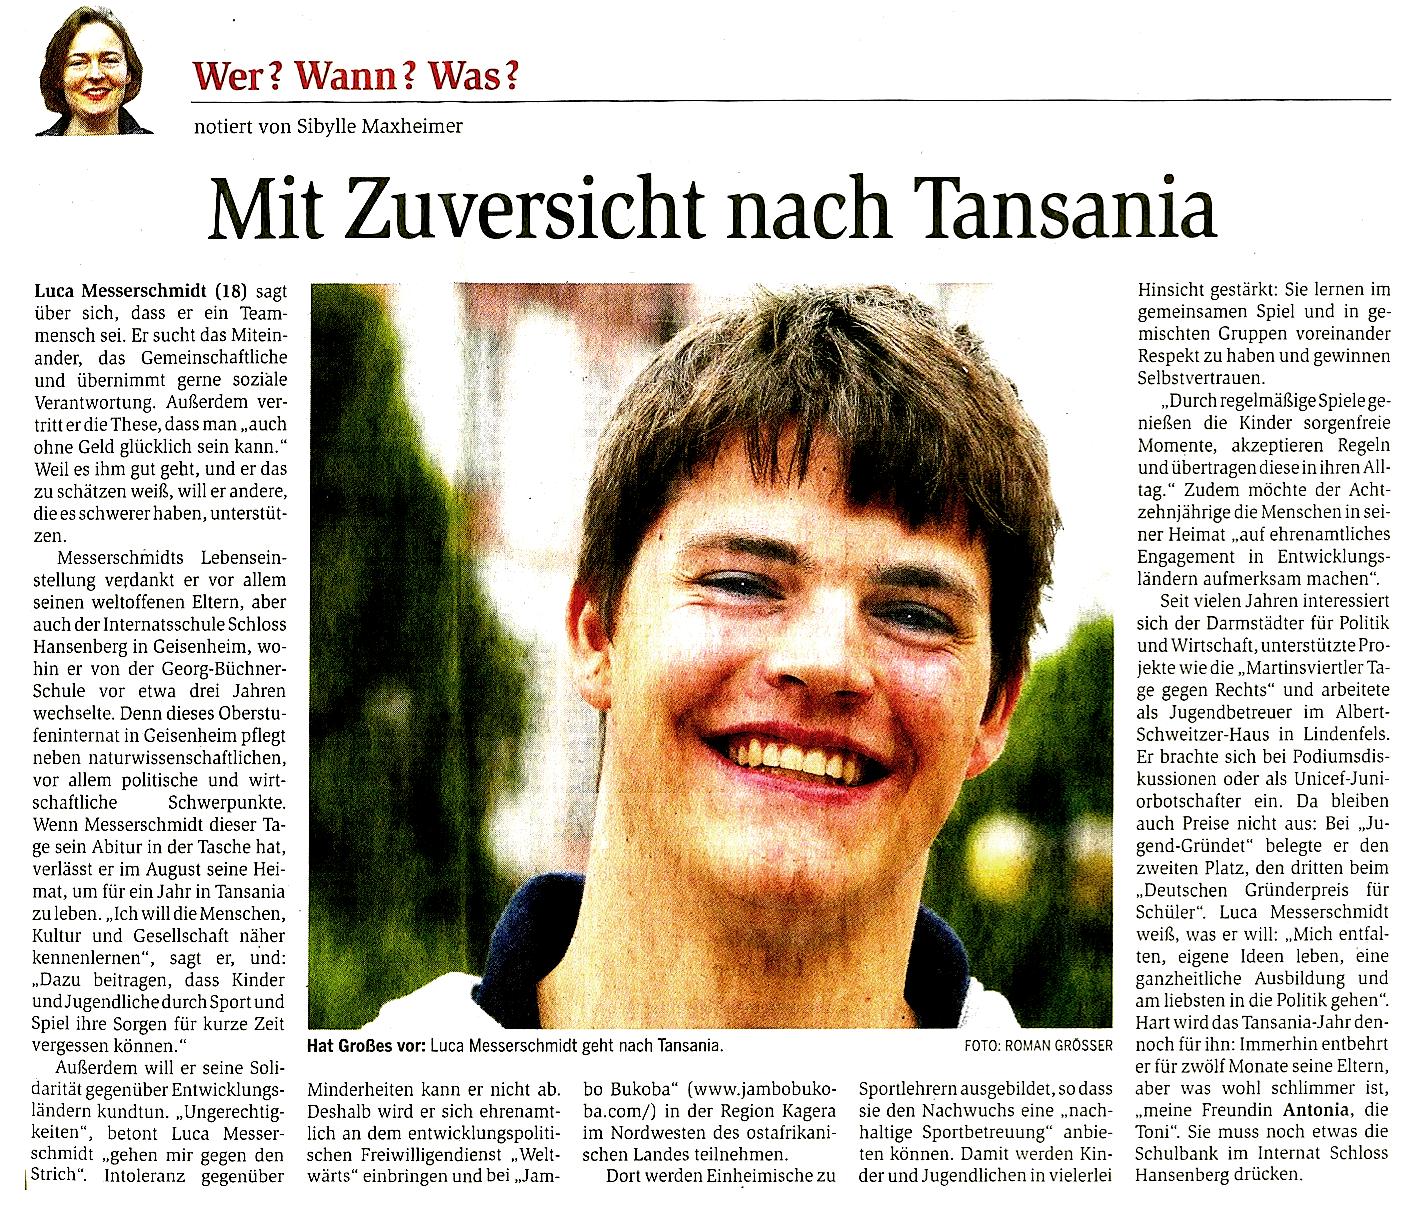 Zeitungartikel Darmstädter Echo am 8.6.2013